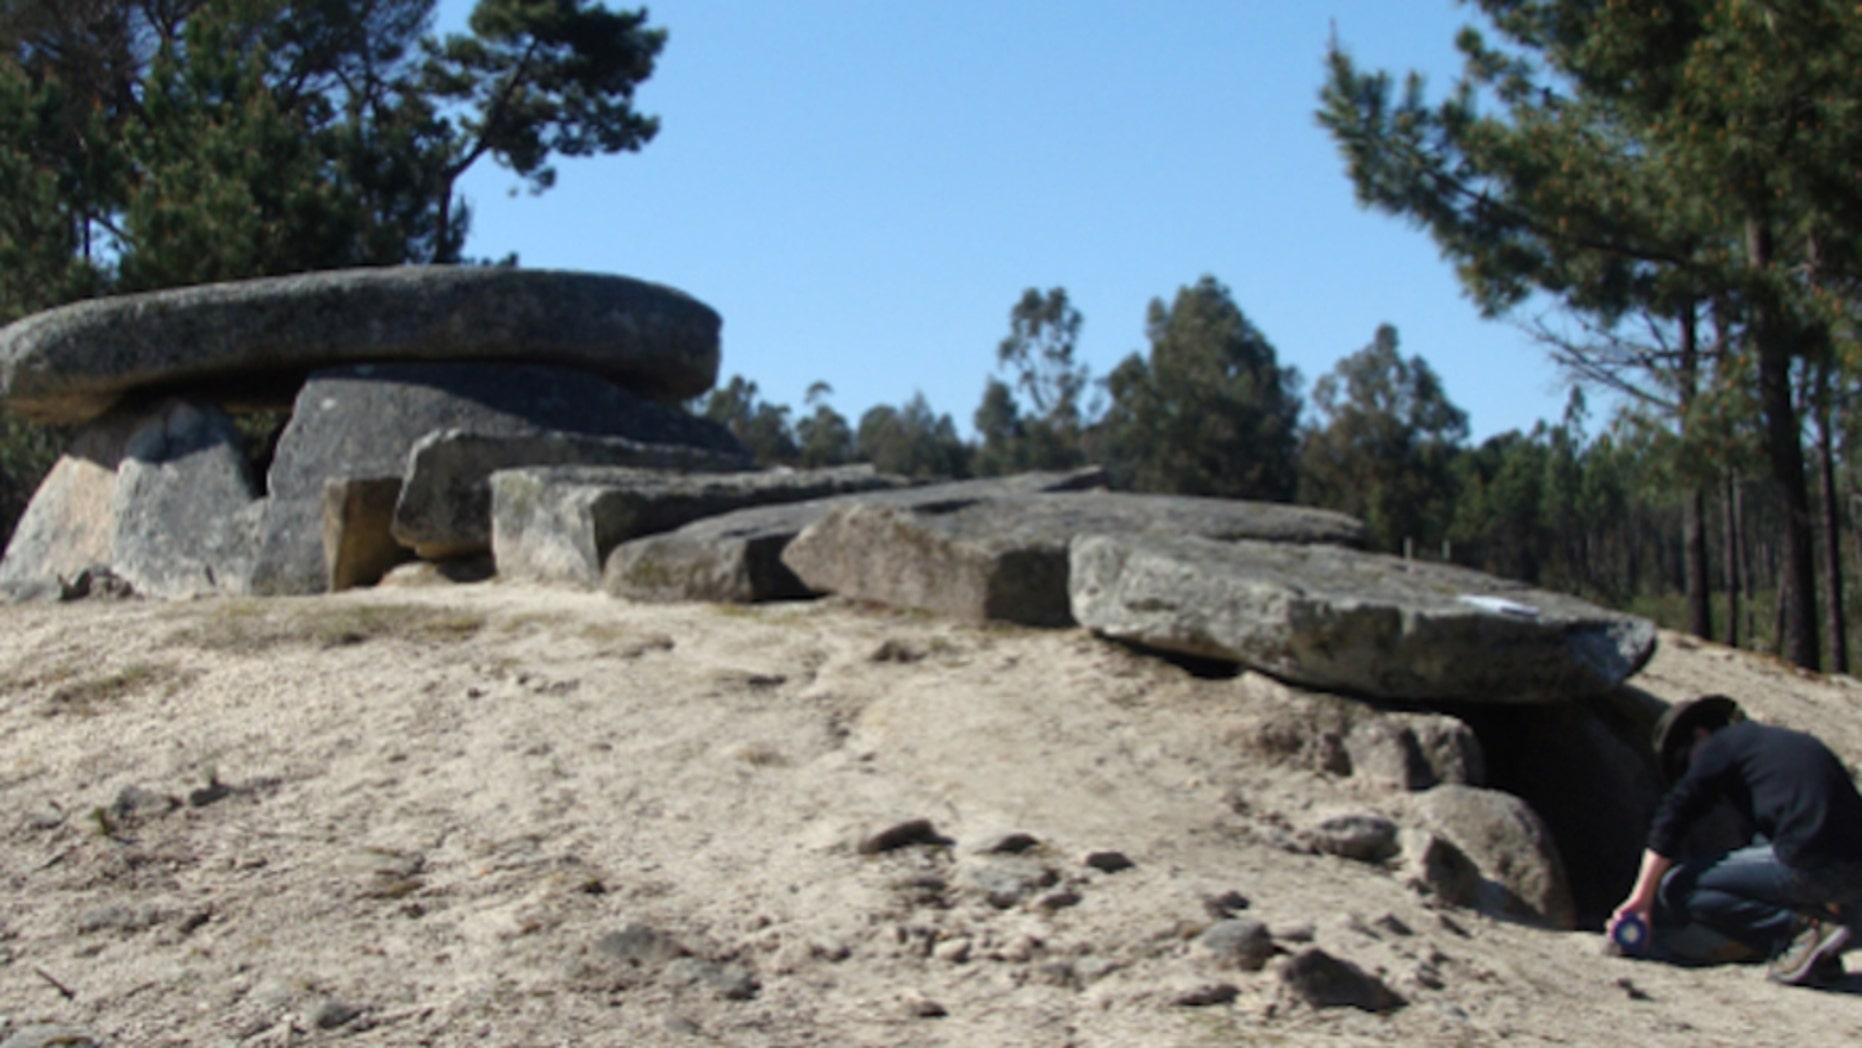 Dolmen da Orca, a typical dolmenic structure in western Iberia. (F. Silva)